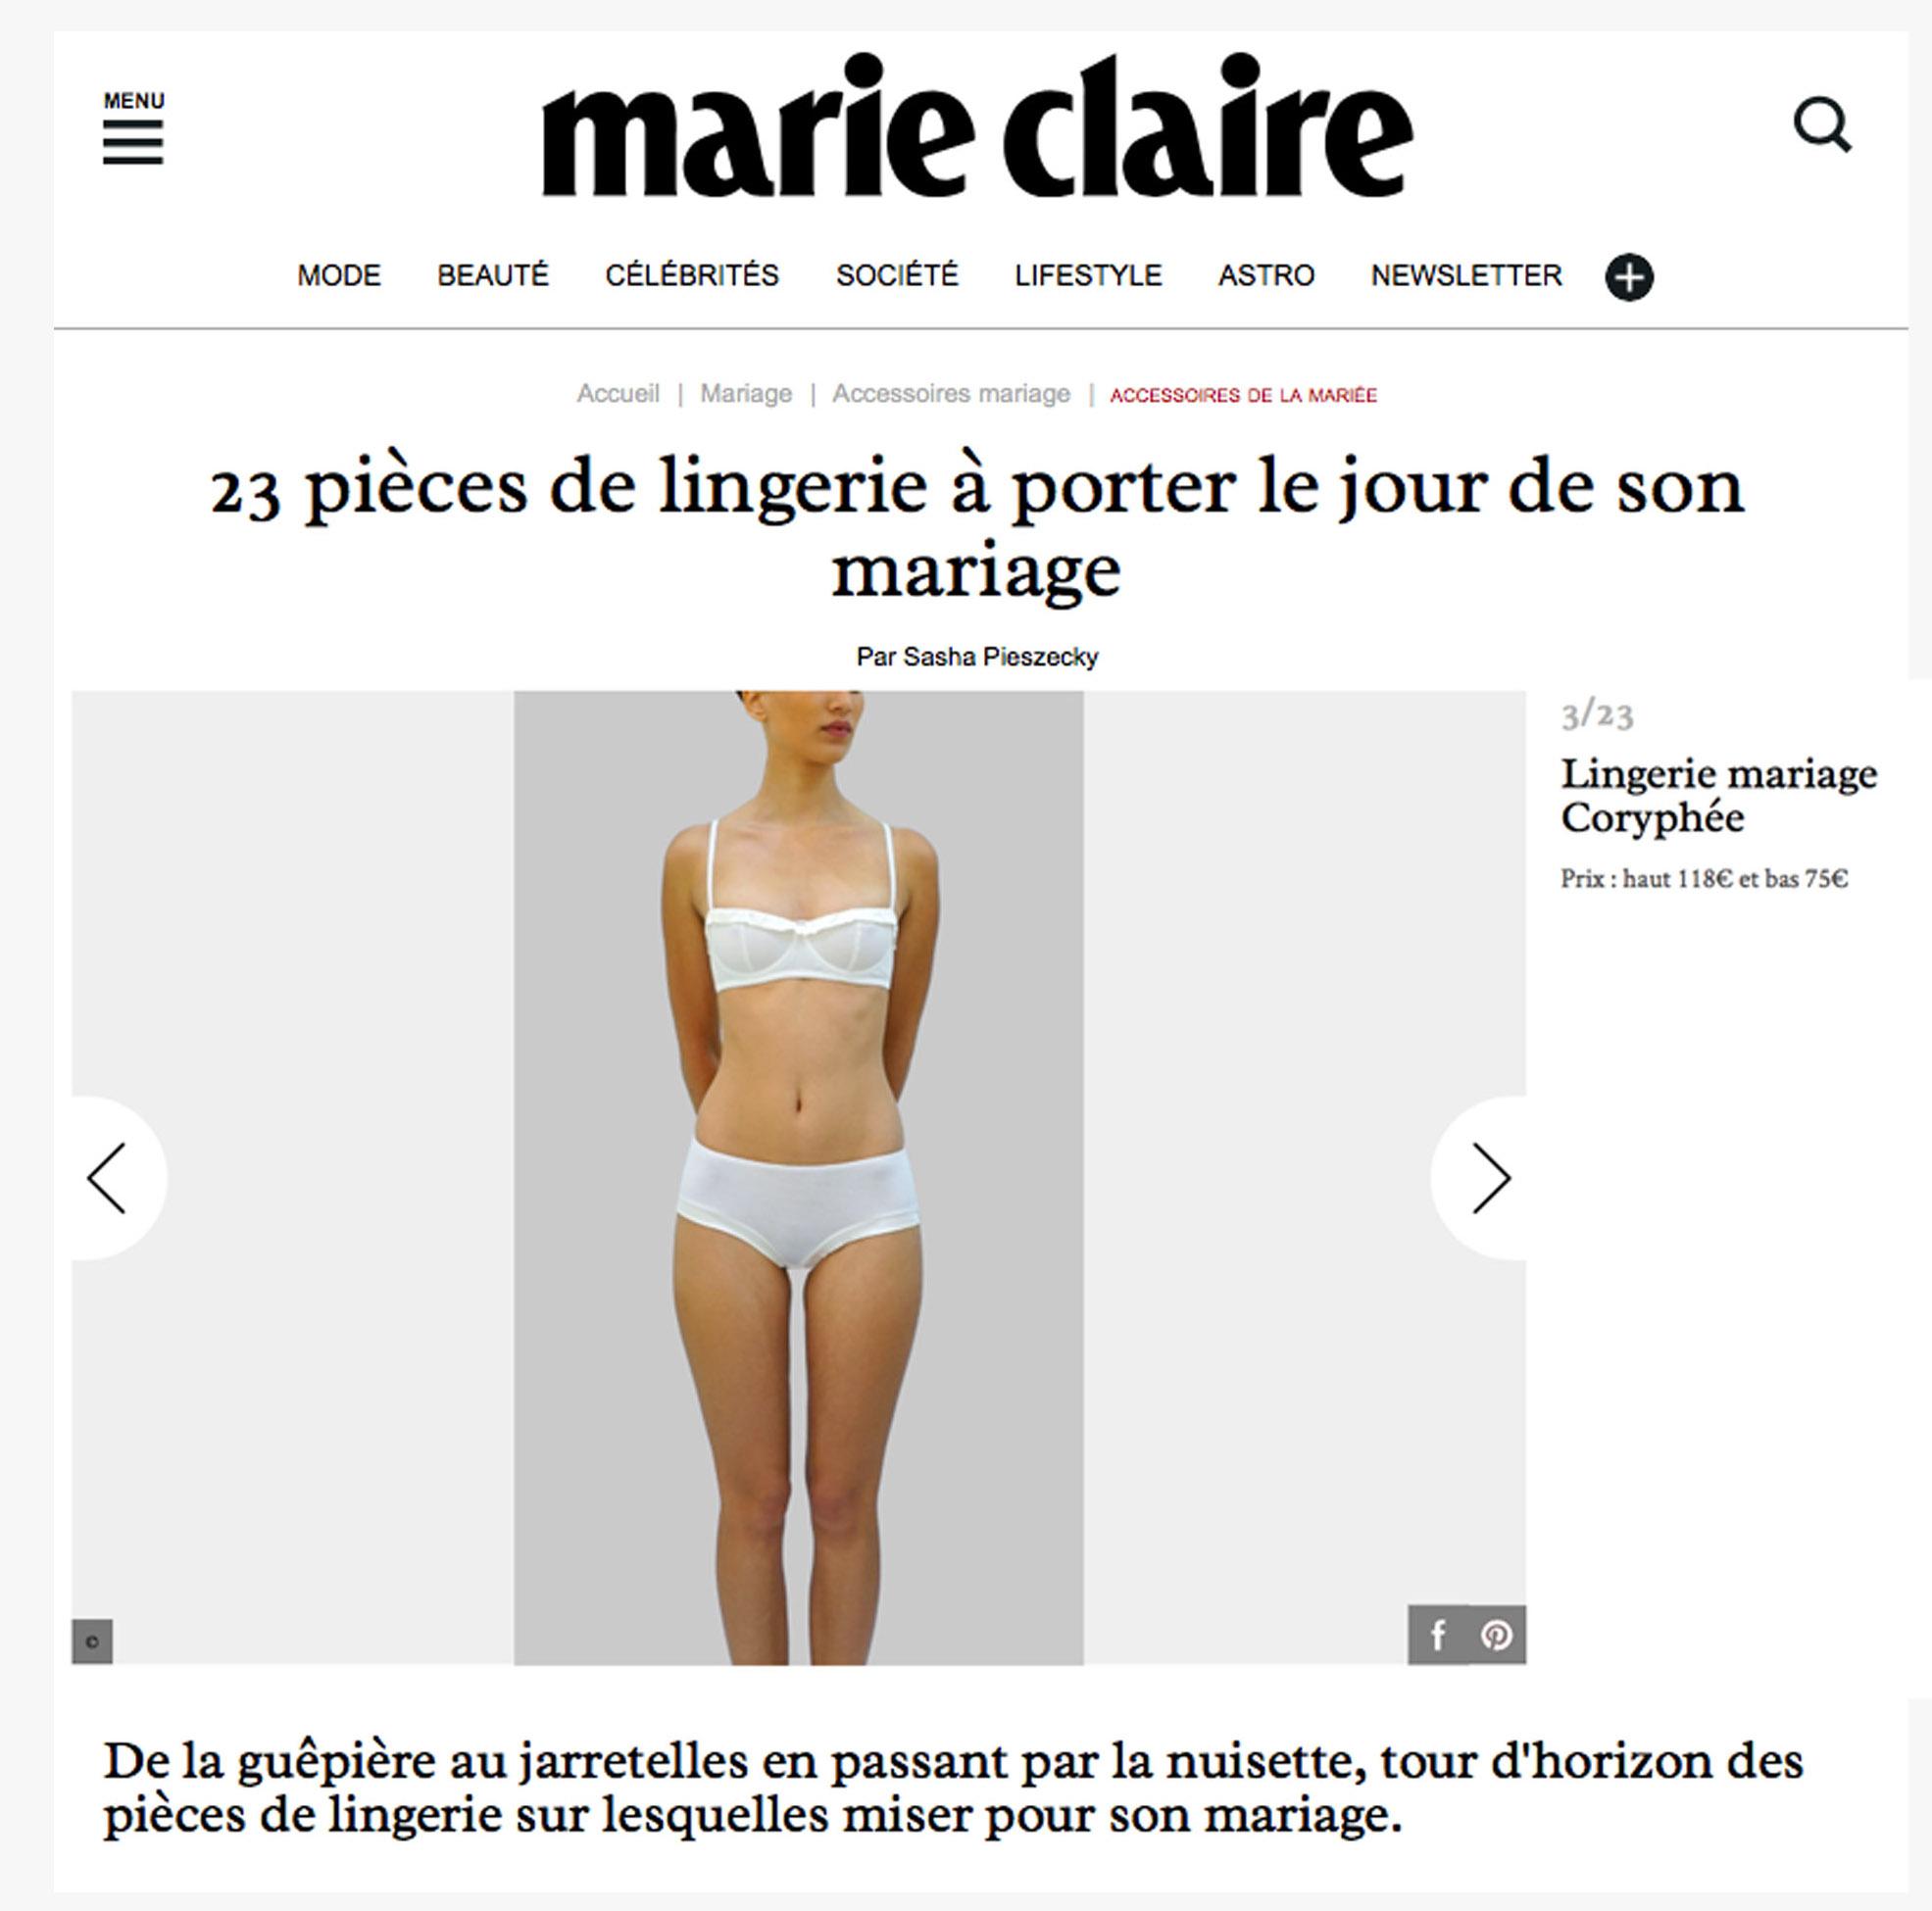 lingerie-mariage-coryphee-marie-claire-parution-presse-web.jpg